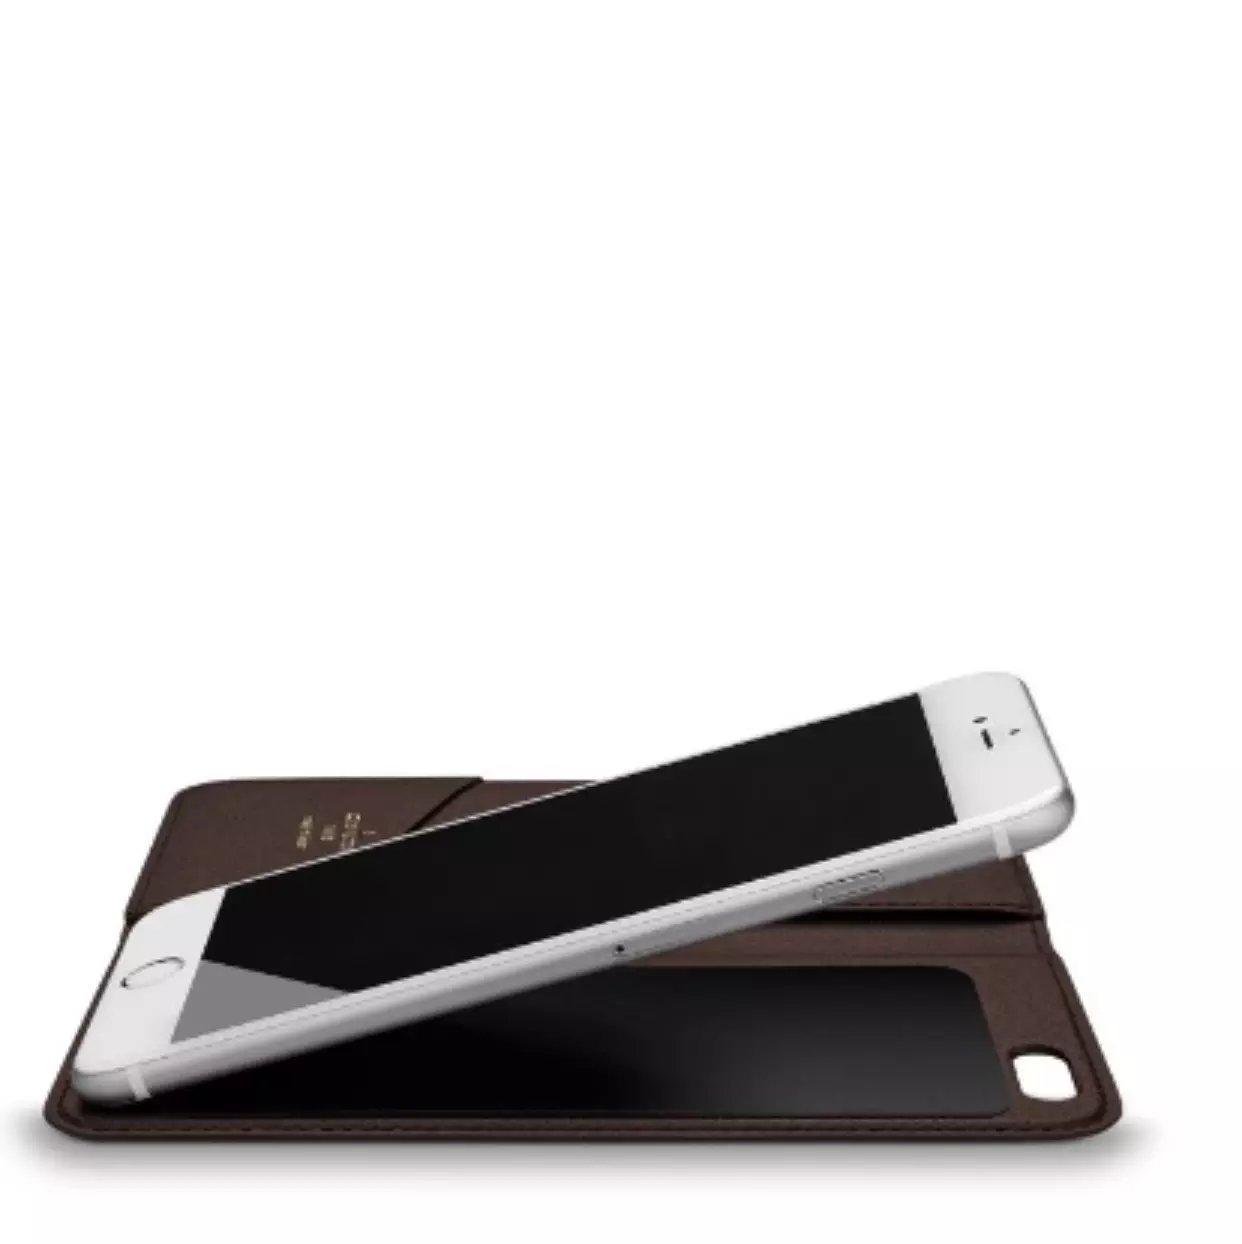 iphone hülle mit foto bedrucken iphone handyhülle mit foto Louis Vuitton iphone 8 hüllen eifon 8 preis handy gestalten handy ca8 foto designer iphone 8 hülle iphone 8 hülle weiß iphone 3s hülle